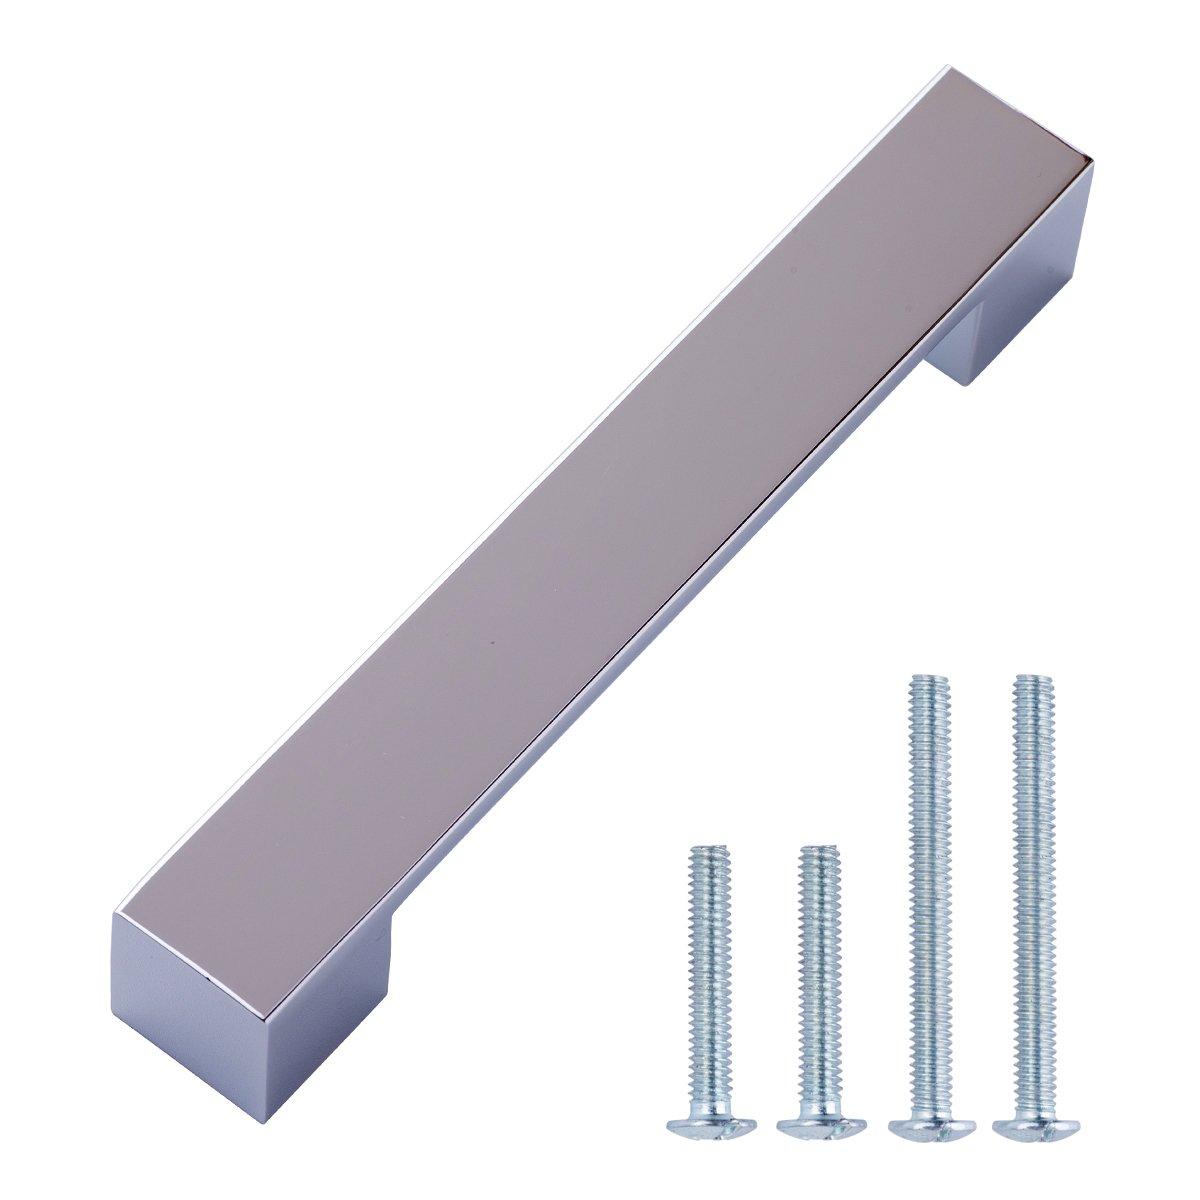 Basics - Tirador moderno y corto para armario, 22,6 cm de longitud (19,2 cm de centro del orificio), Bronce antiguo, Paquete de 10 AB3402-OR-10